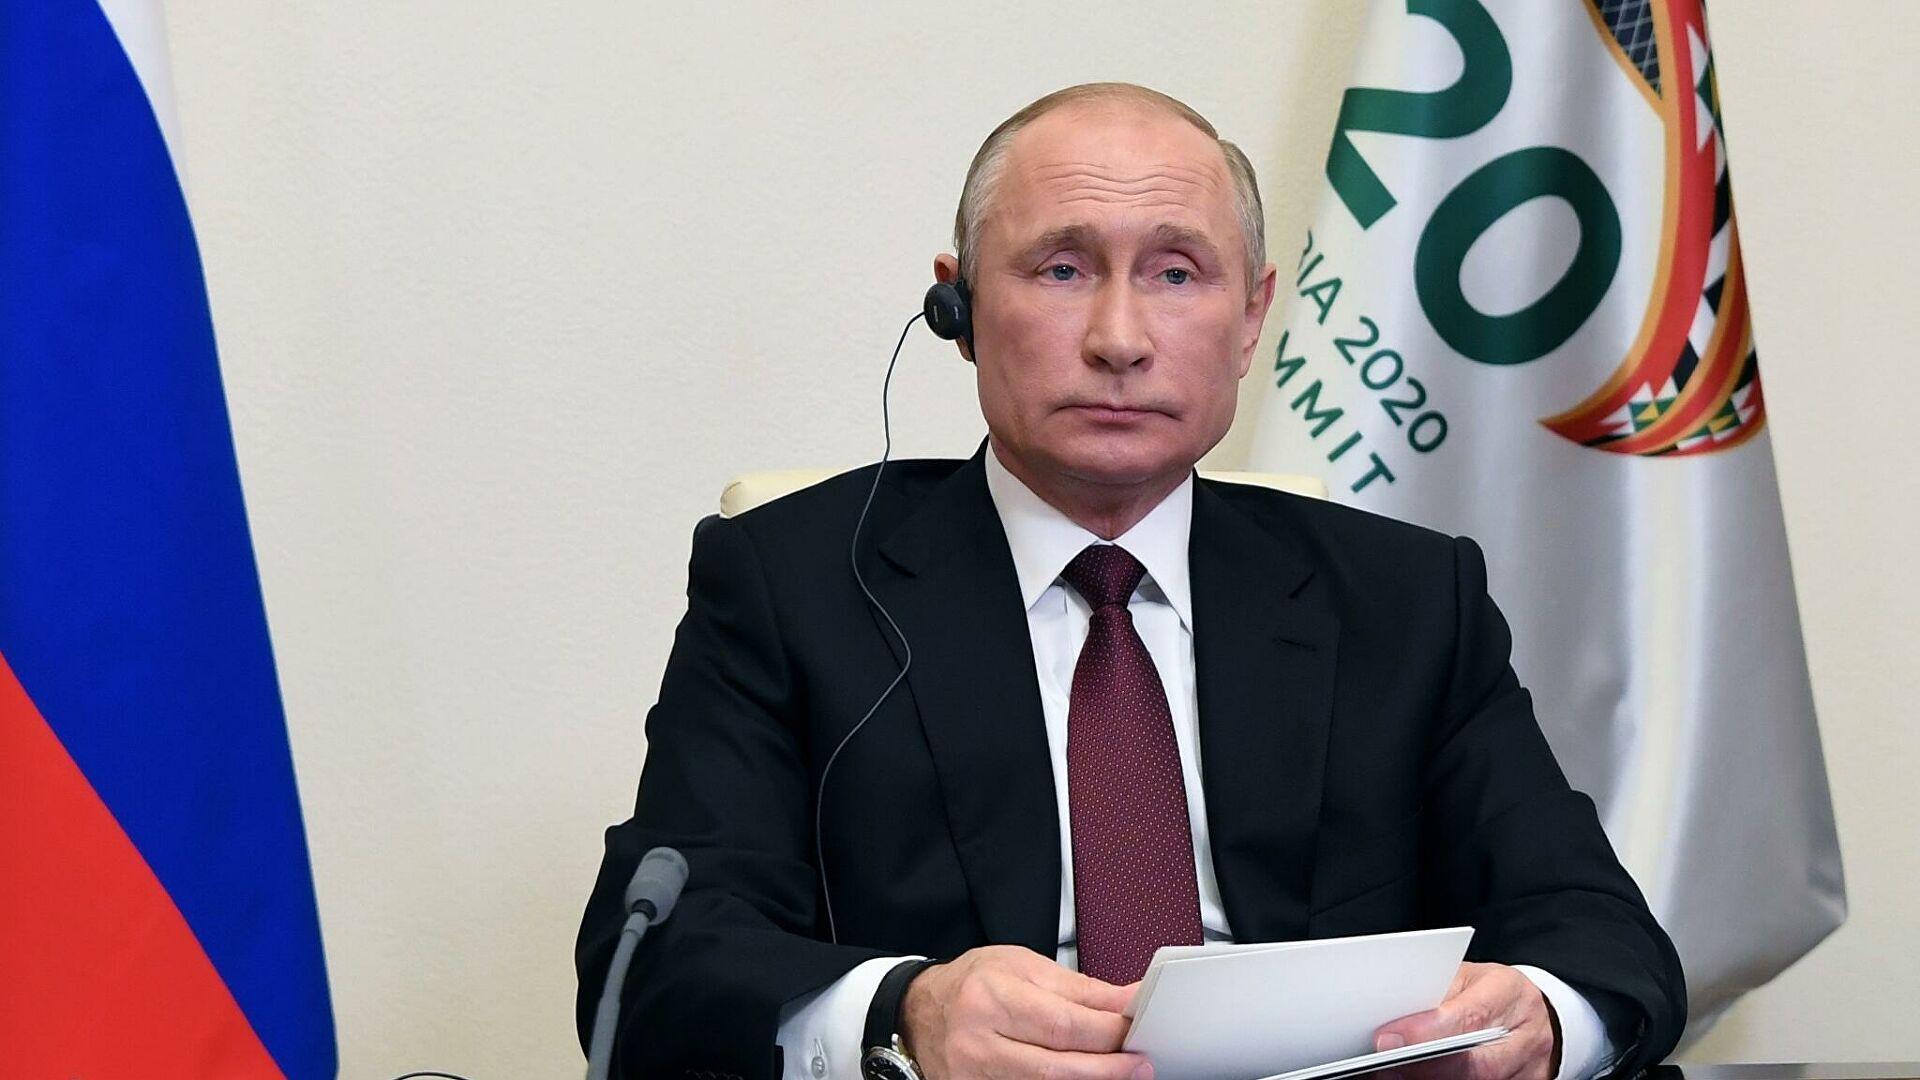 Путин: Човечанство се суочава са проблемима без преседана